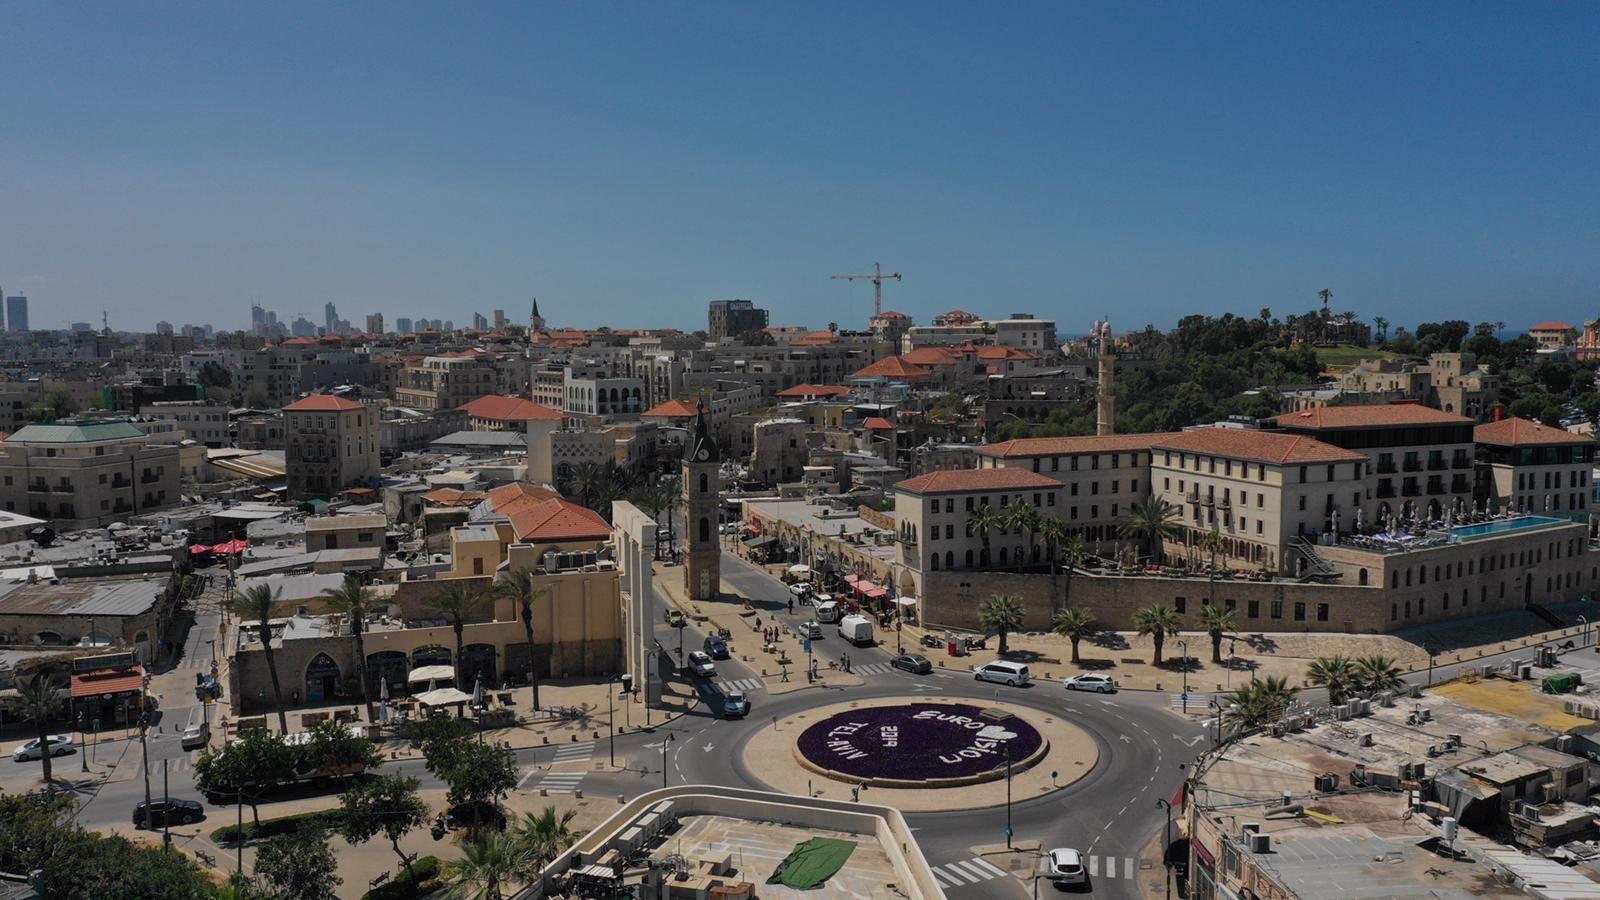 Евровидение 2019. Яффо-Тель-Авив. Фото предоставлено мэрией Тель-Авива